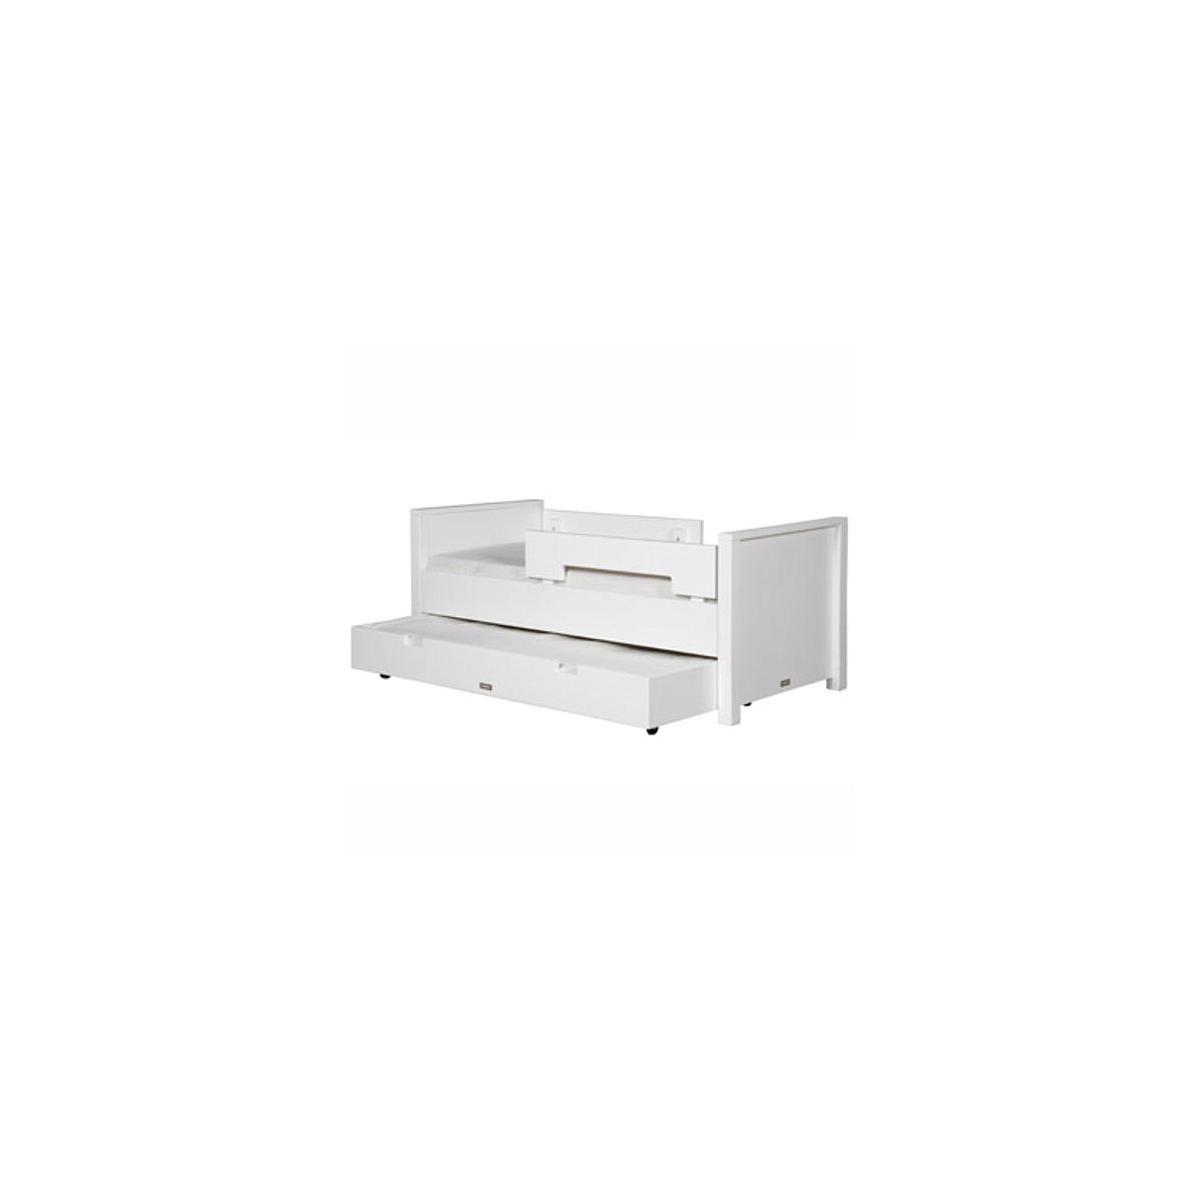 Cama 70x150cm JONNE Bopita blanco